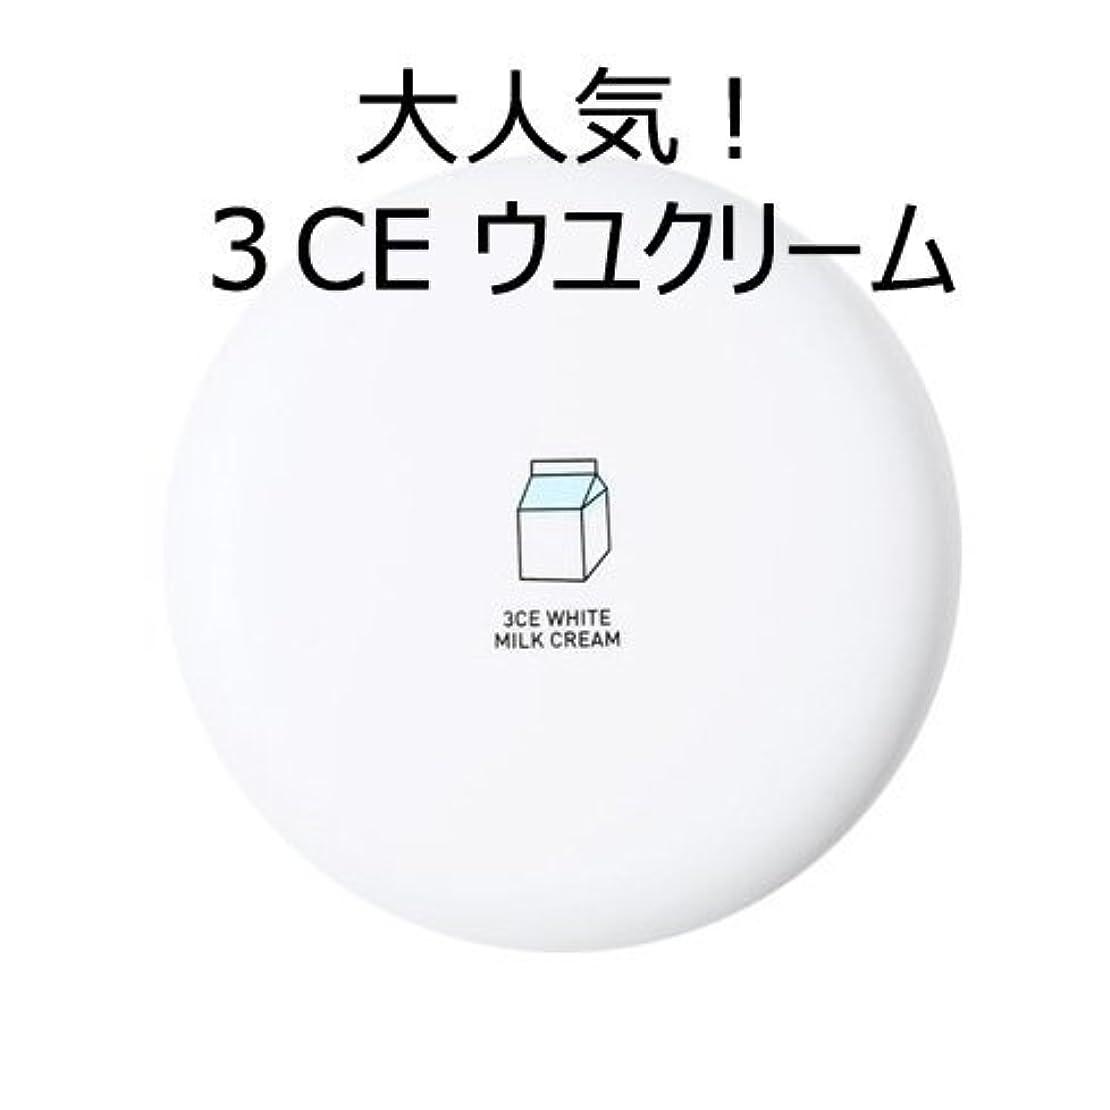 春ビットジャングル[3CE] [大人気!話題のウユクリーム] 3CE White Milk Cream [並行輸入品]